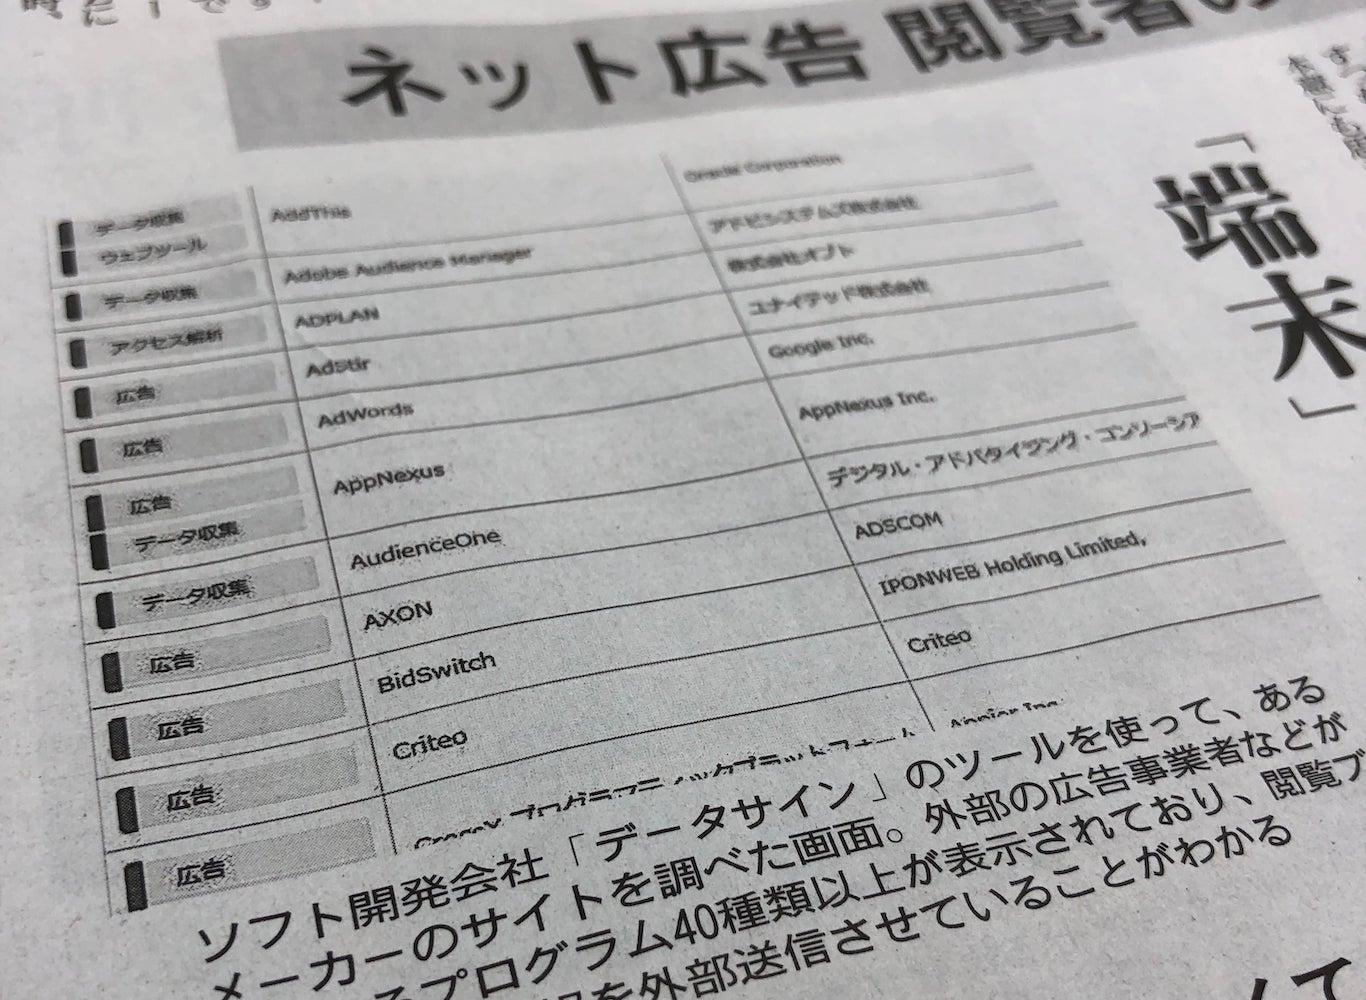 「読売新聞」にて DataSign FE (現webtru)が紹介されました。